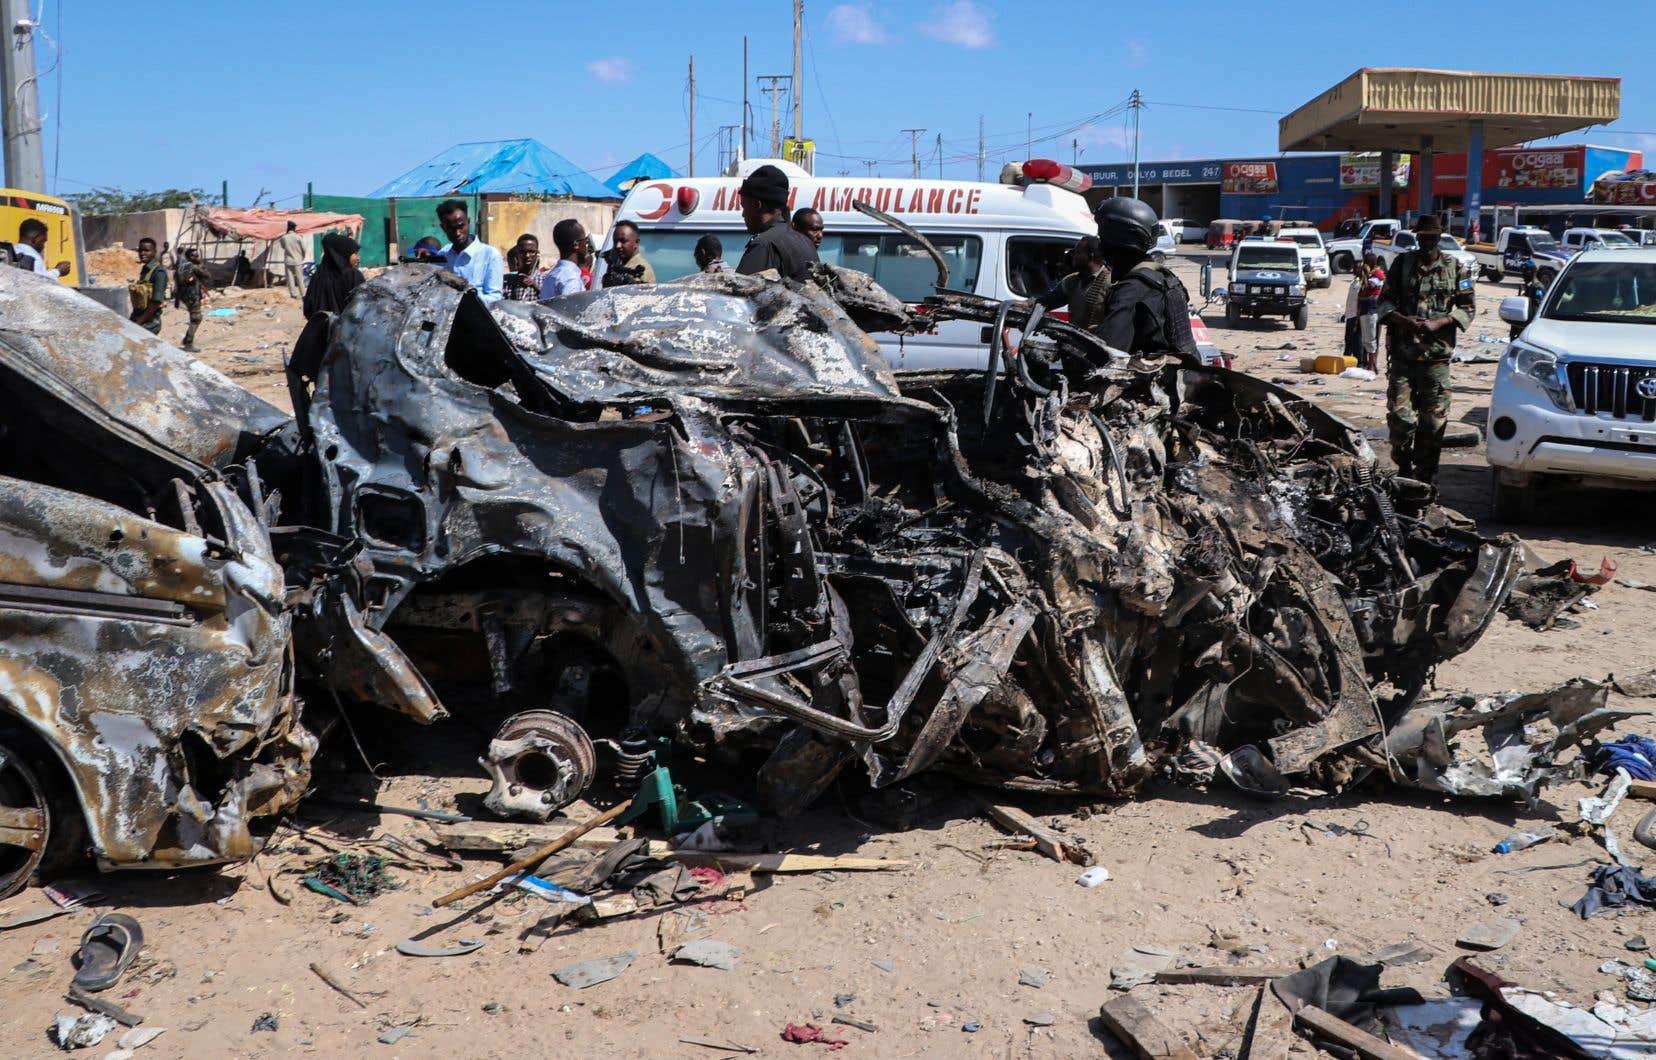 Les blessés ont été emmenés sur des civières du site jonché de débris tordus et calcinés de véhicules touchés par l'explosion.